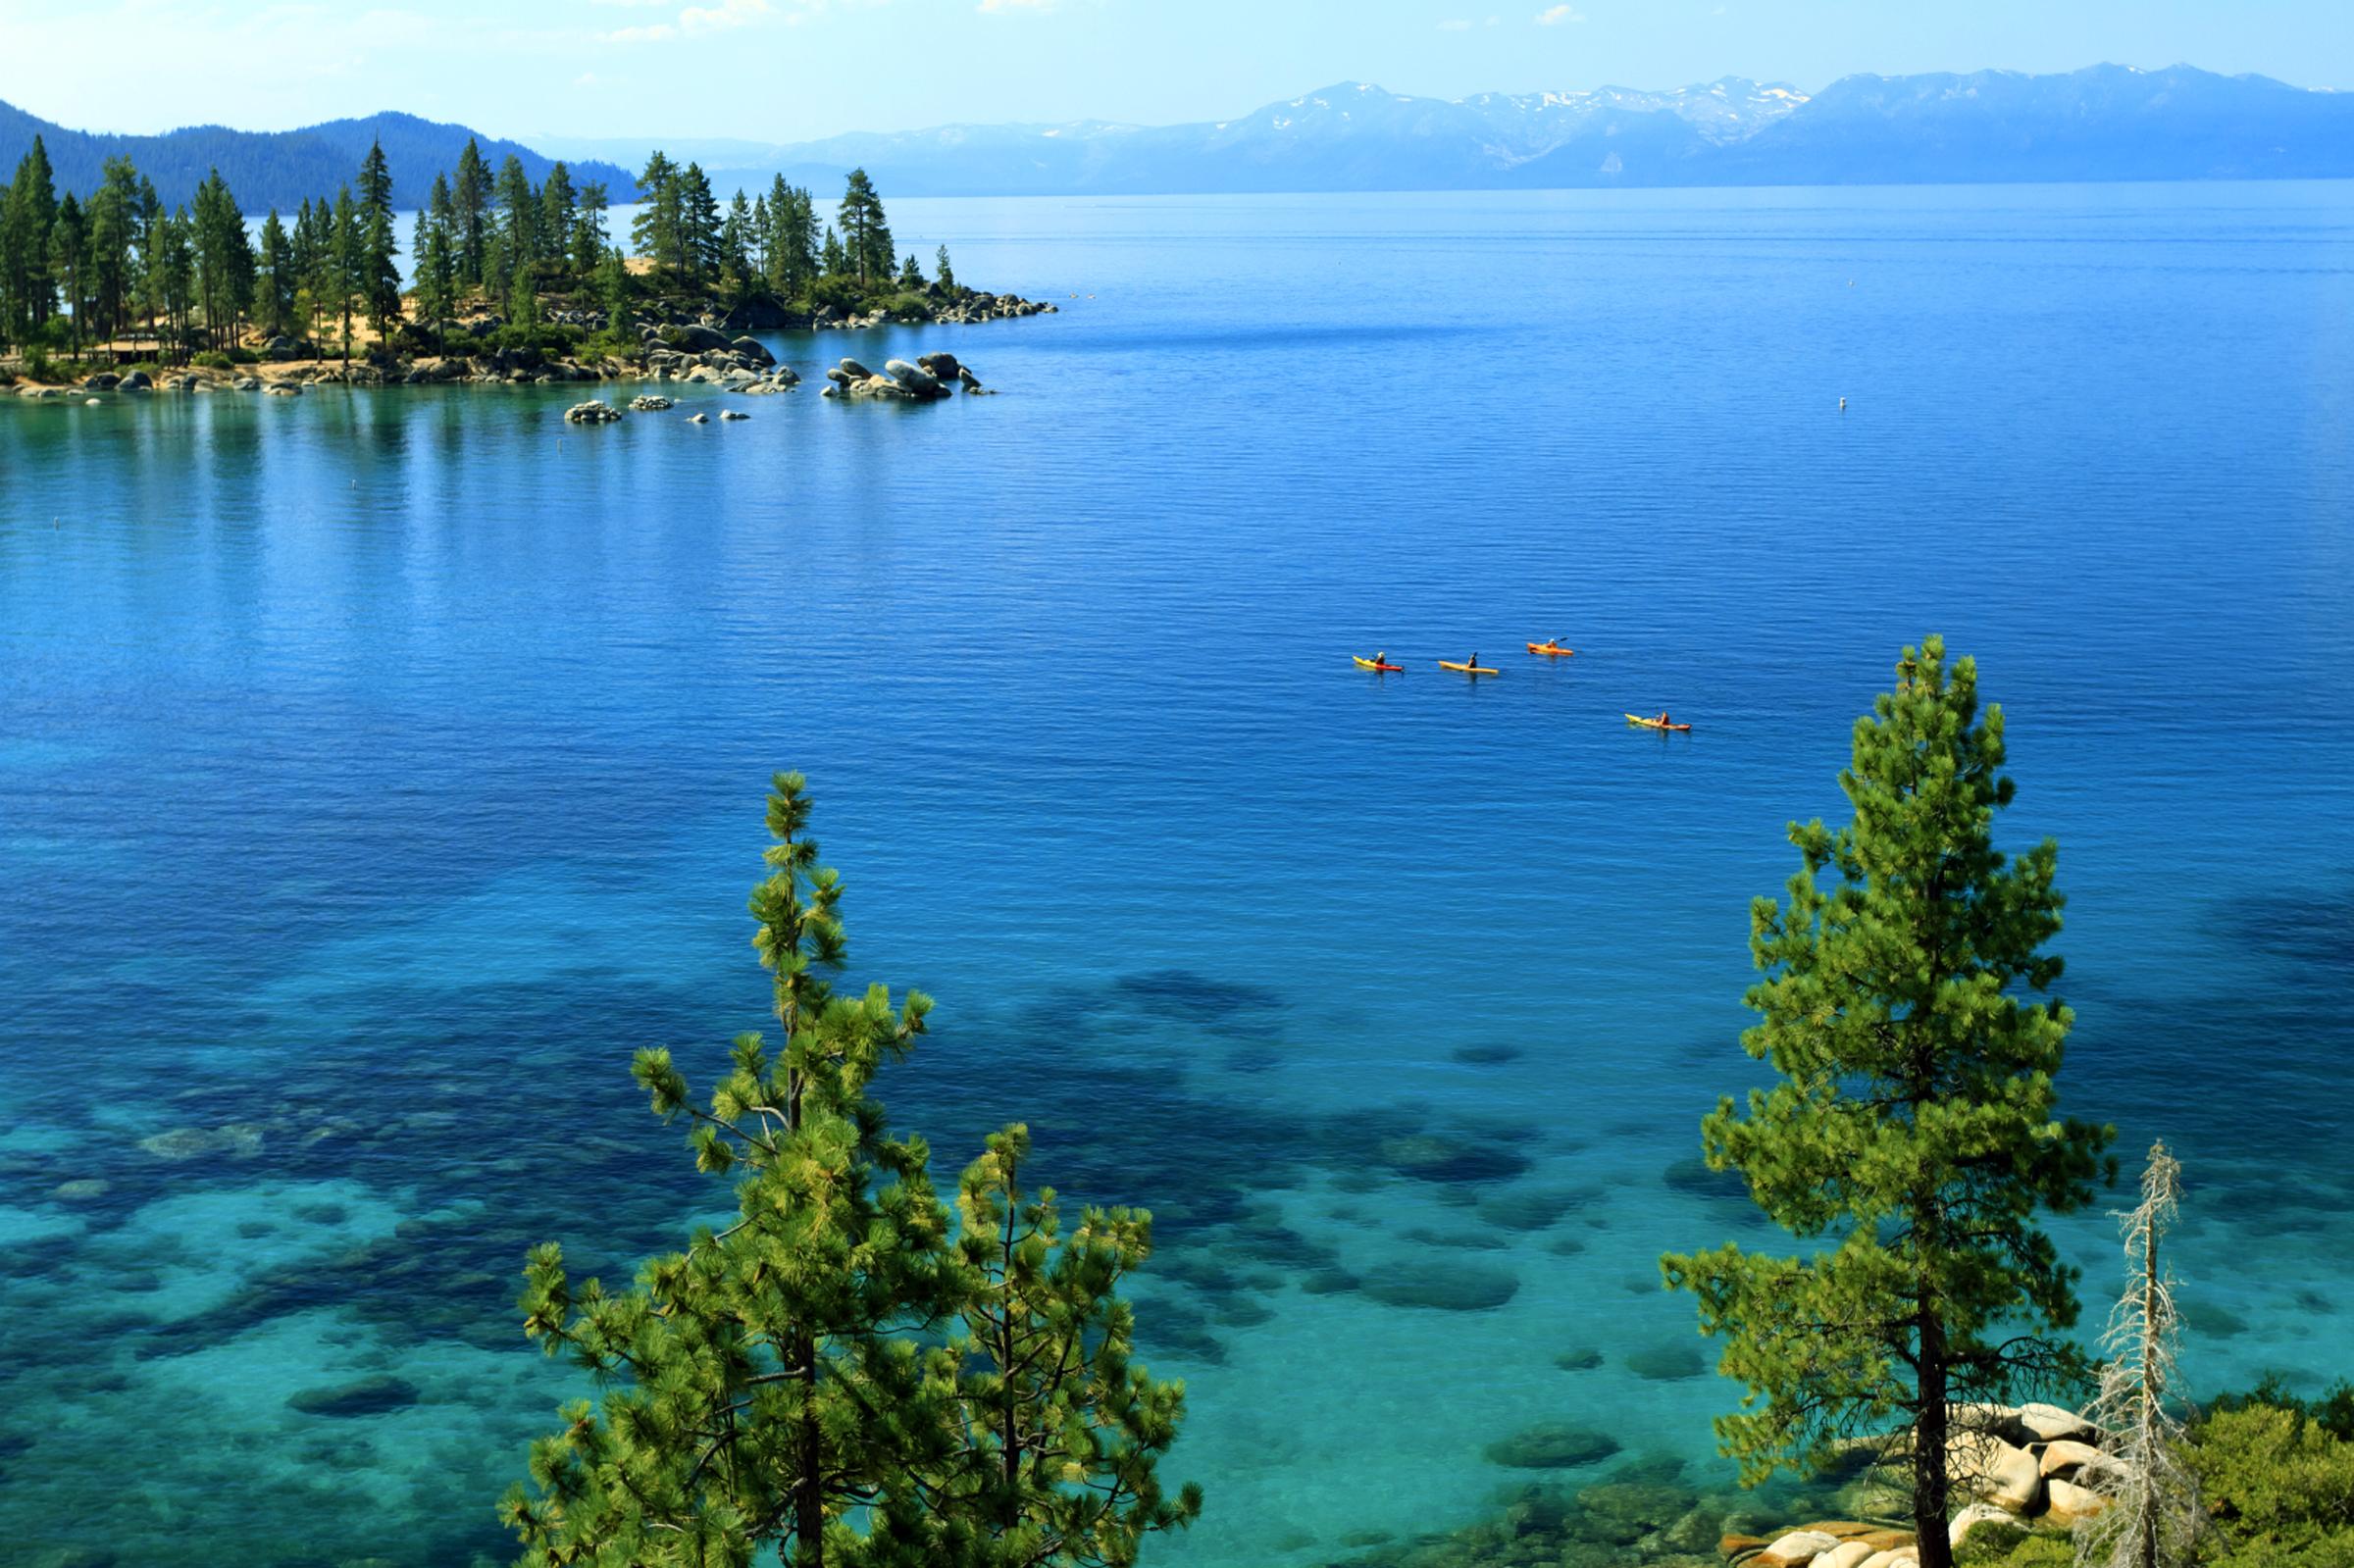 2400x1599px Lake Tahoe Wallpaper Emerald Bay Wallpapersafari